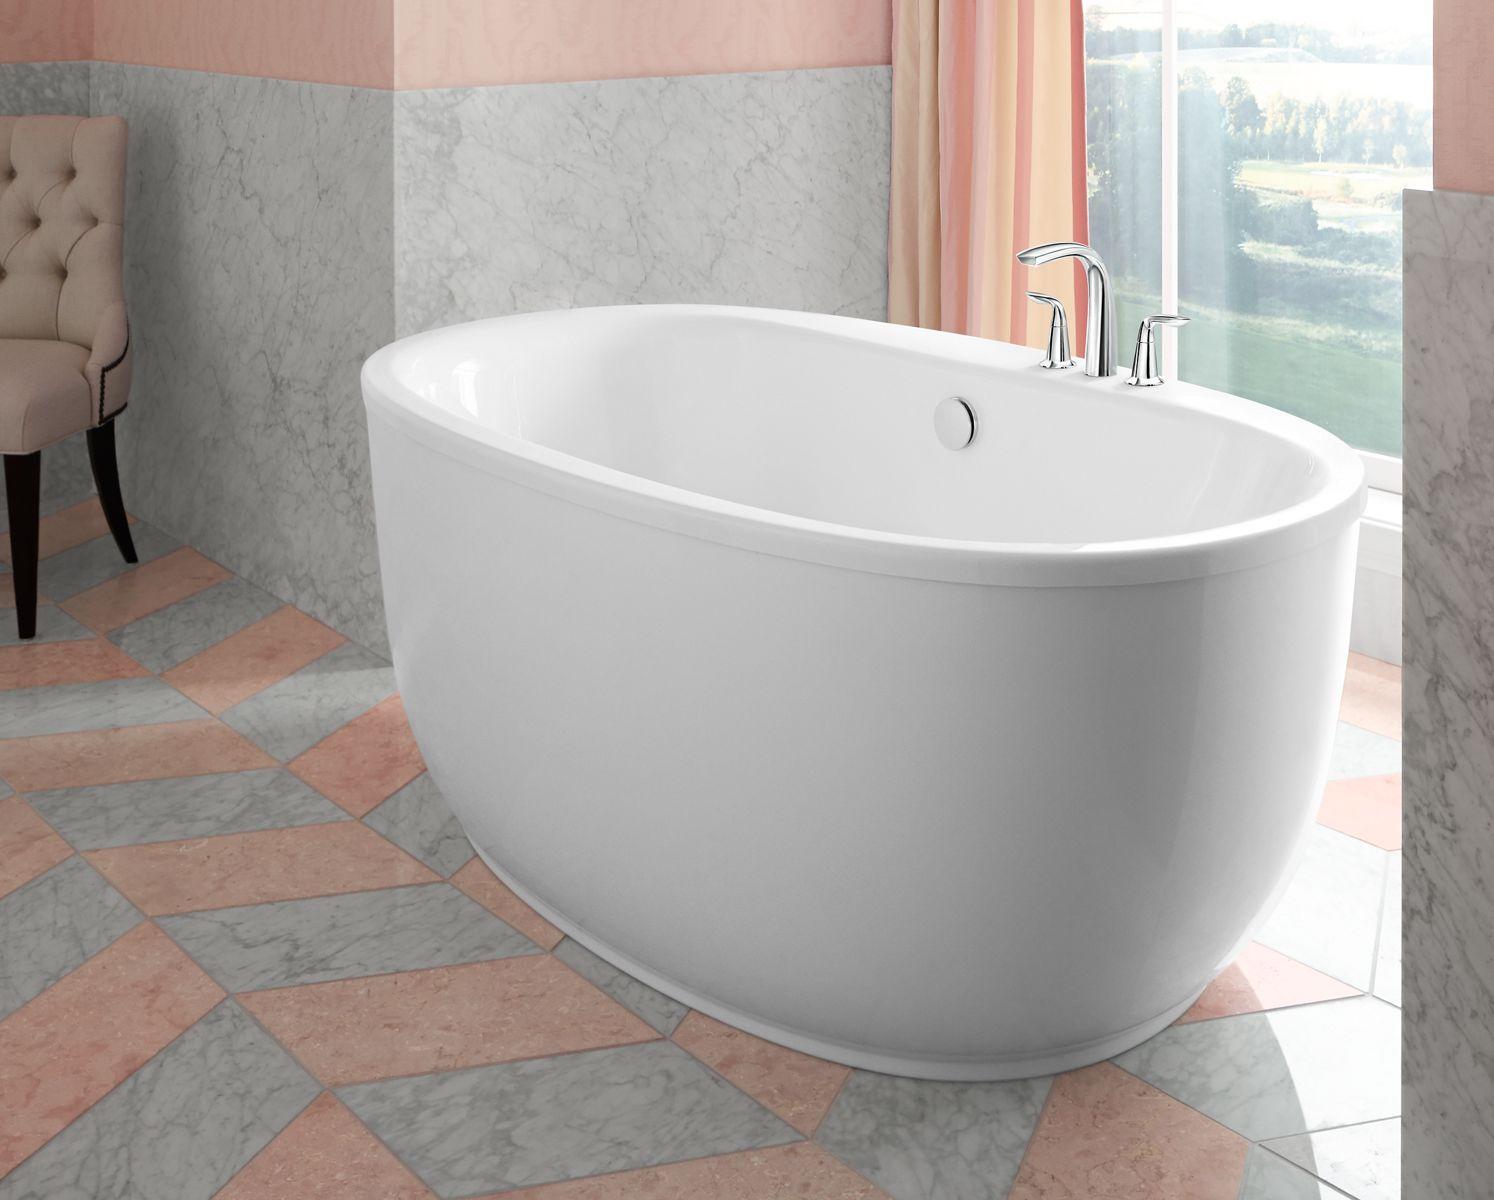 Acrylic Baths U0026 Whirlpools